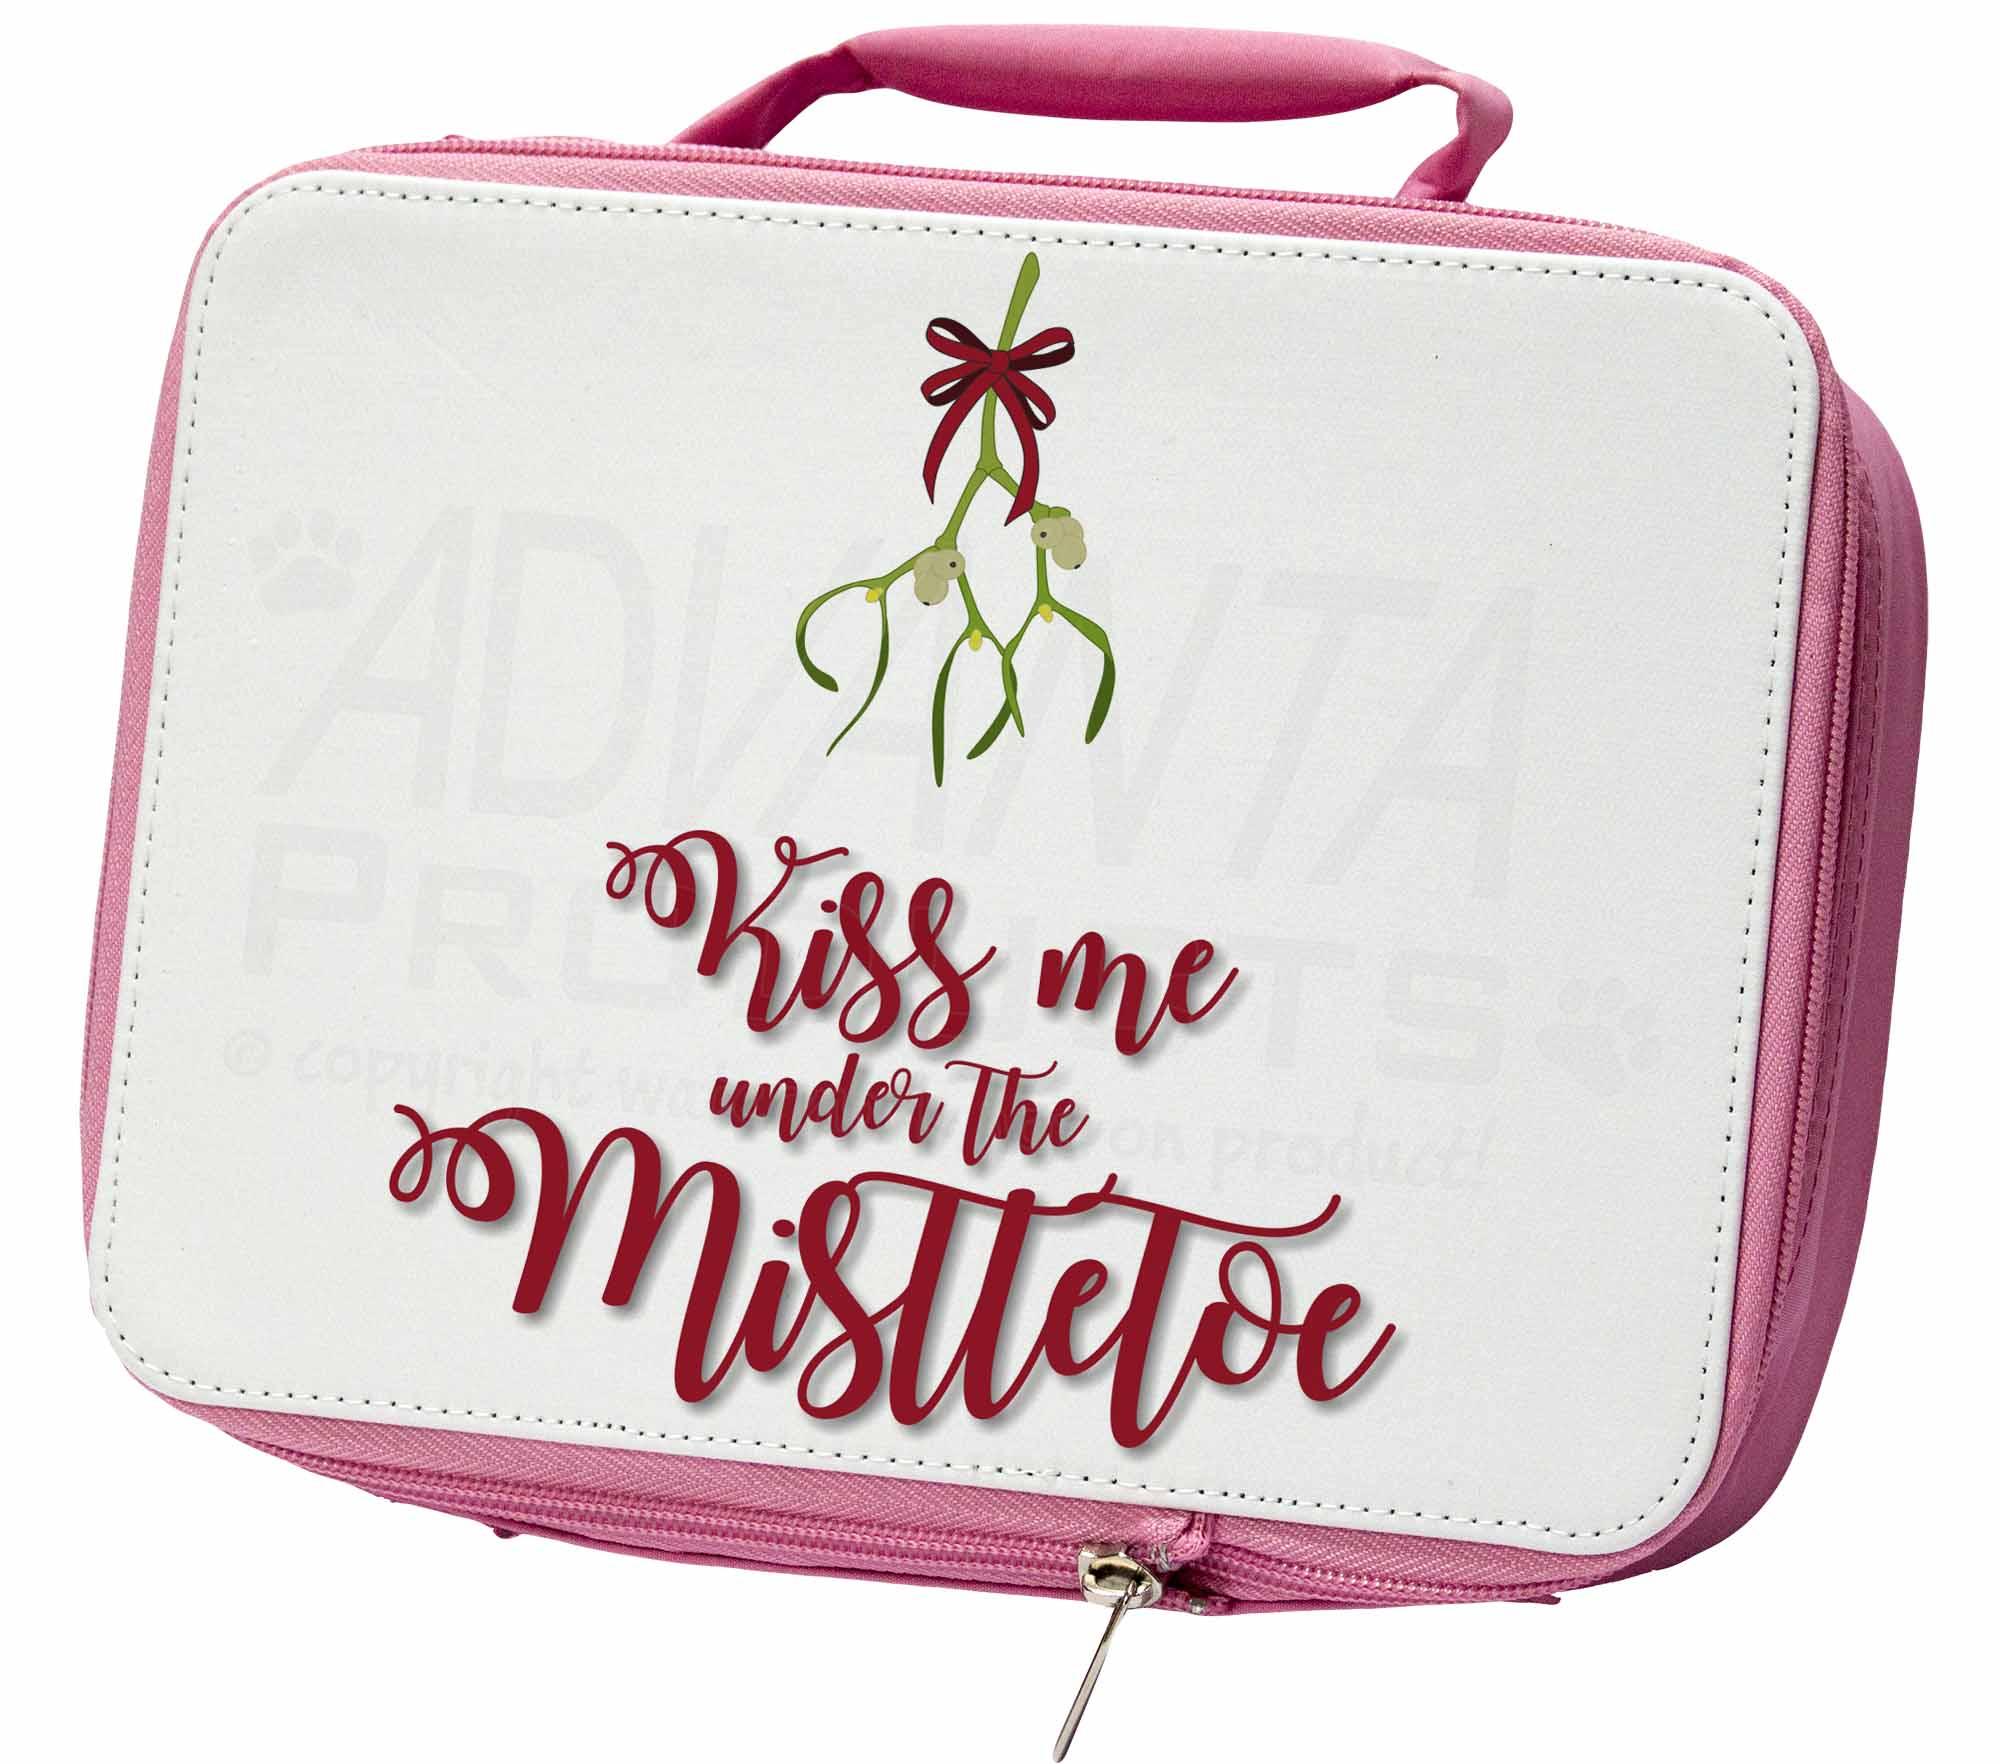 Capace Kiss Me Sotto Il Vischio Rosa Isolata Scuola Pranzo Box Sacchetto, Vischio 1lbp-mostra Il Titolo Originale